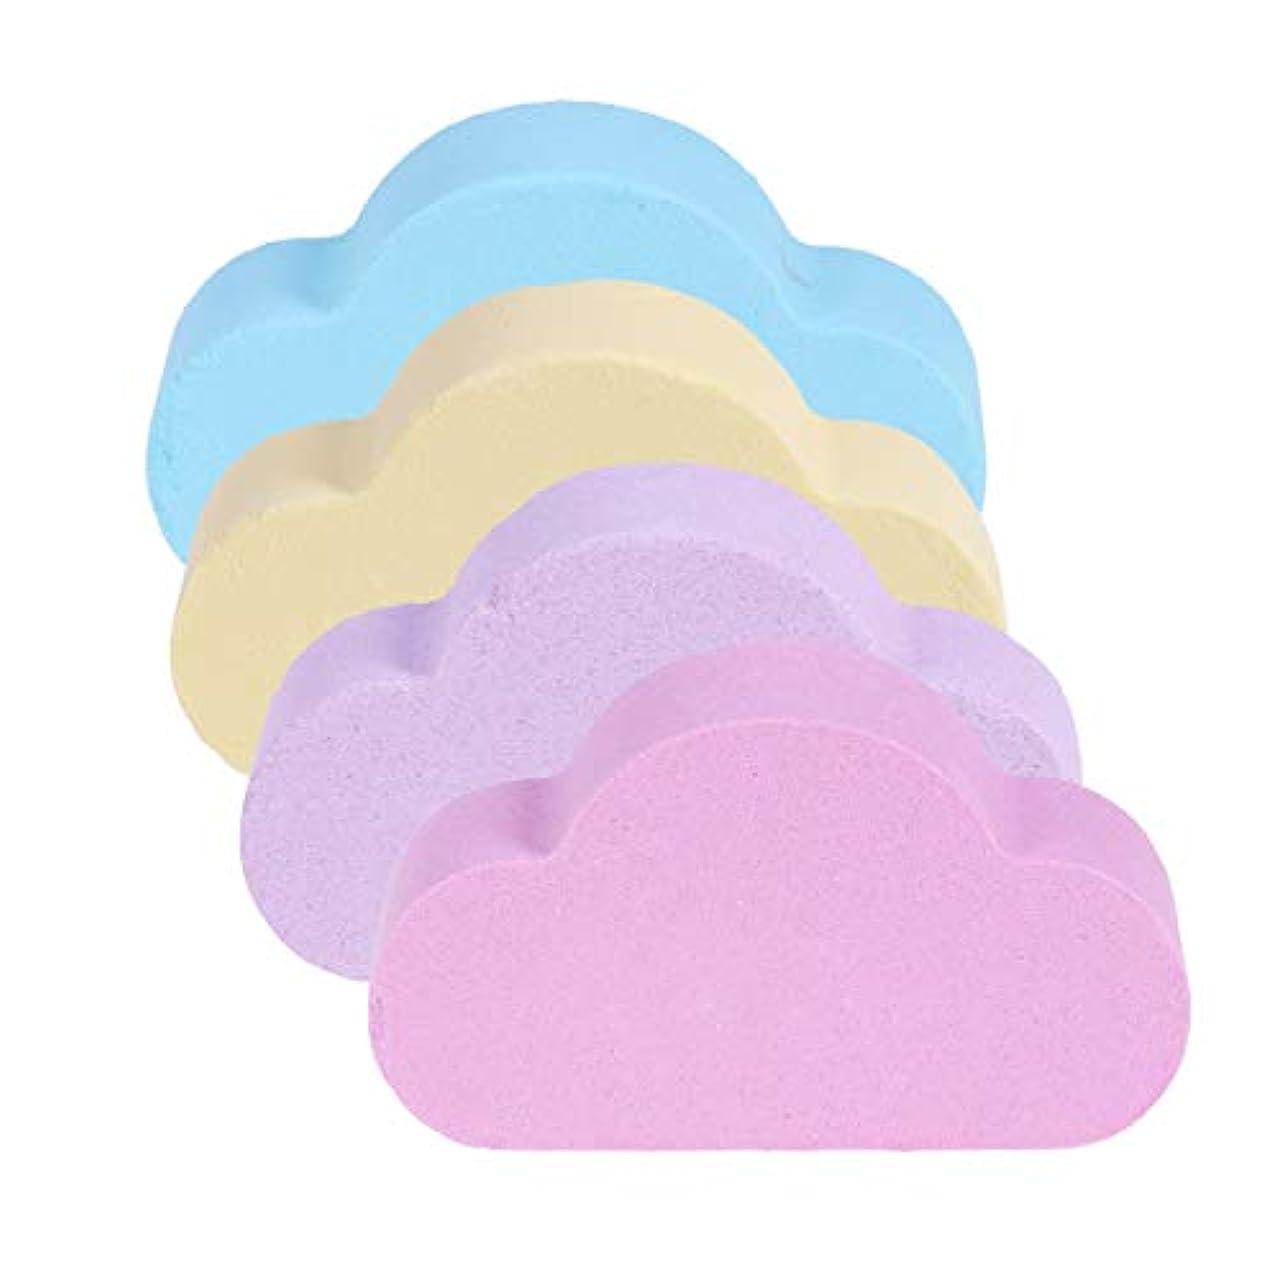 通常常習者フィードバックSUPVOX 4本入浴爆弾エッセンシャルオイルクラウドシェイプ塩バブル家庭用スキンケア風呂用品用バブルスパ風呂ギフト(カラフル)